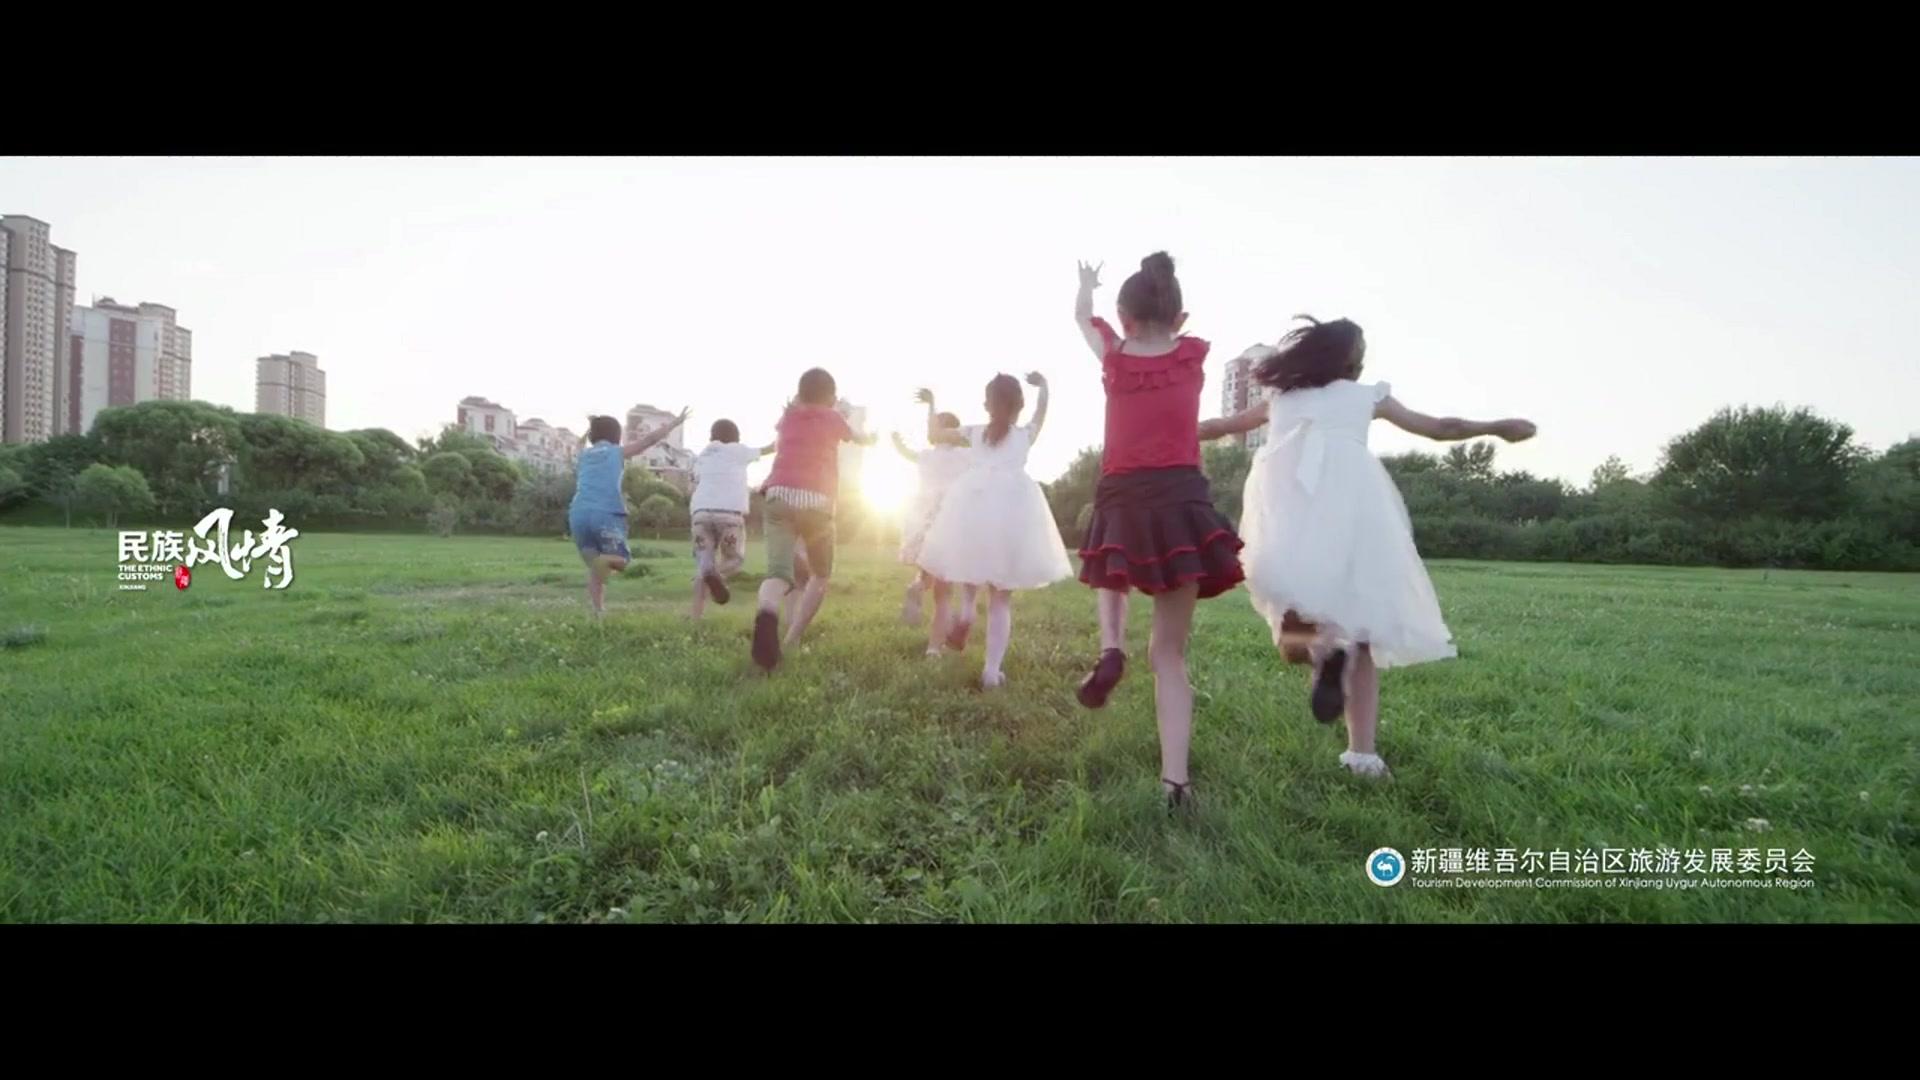 马乐千里: 《新疆是个好地方》旅游宣传片